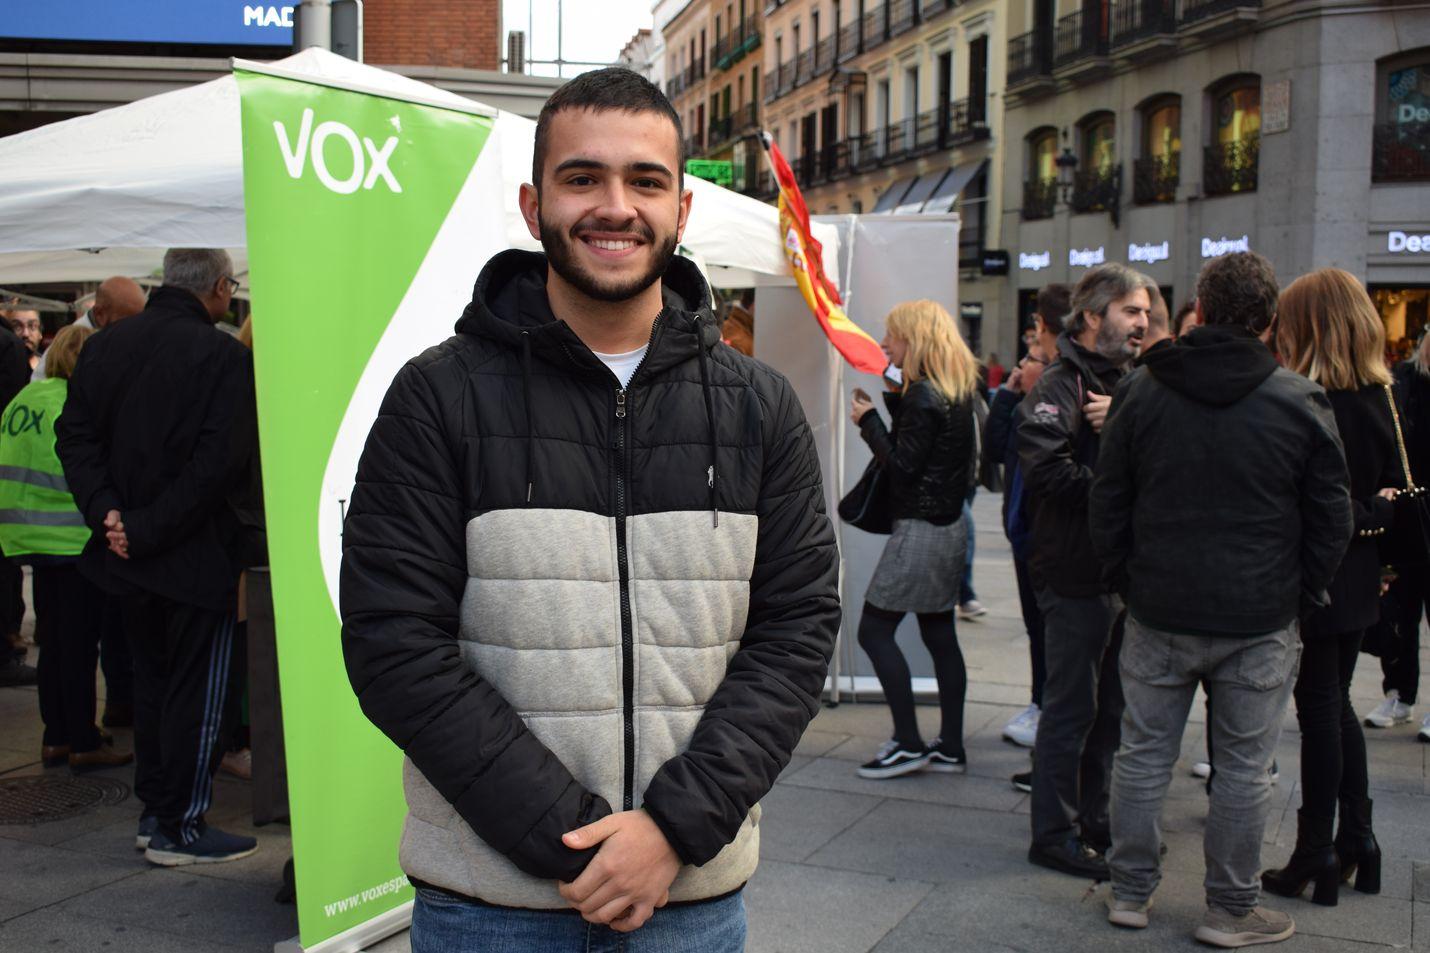 Alejandro Diego Fernández piipahti Voxin kampanjakojulla Callaon aukiolla. Opiskelija uskoo puolueen ajavan yhtenäisen Espanjan asiaa.